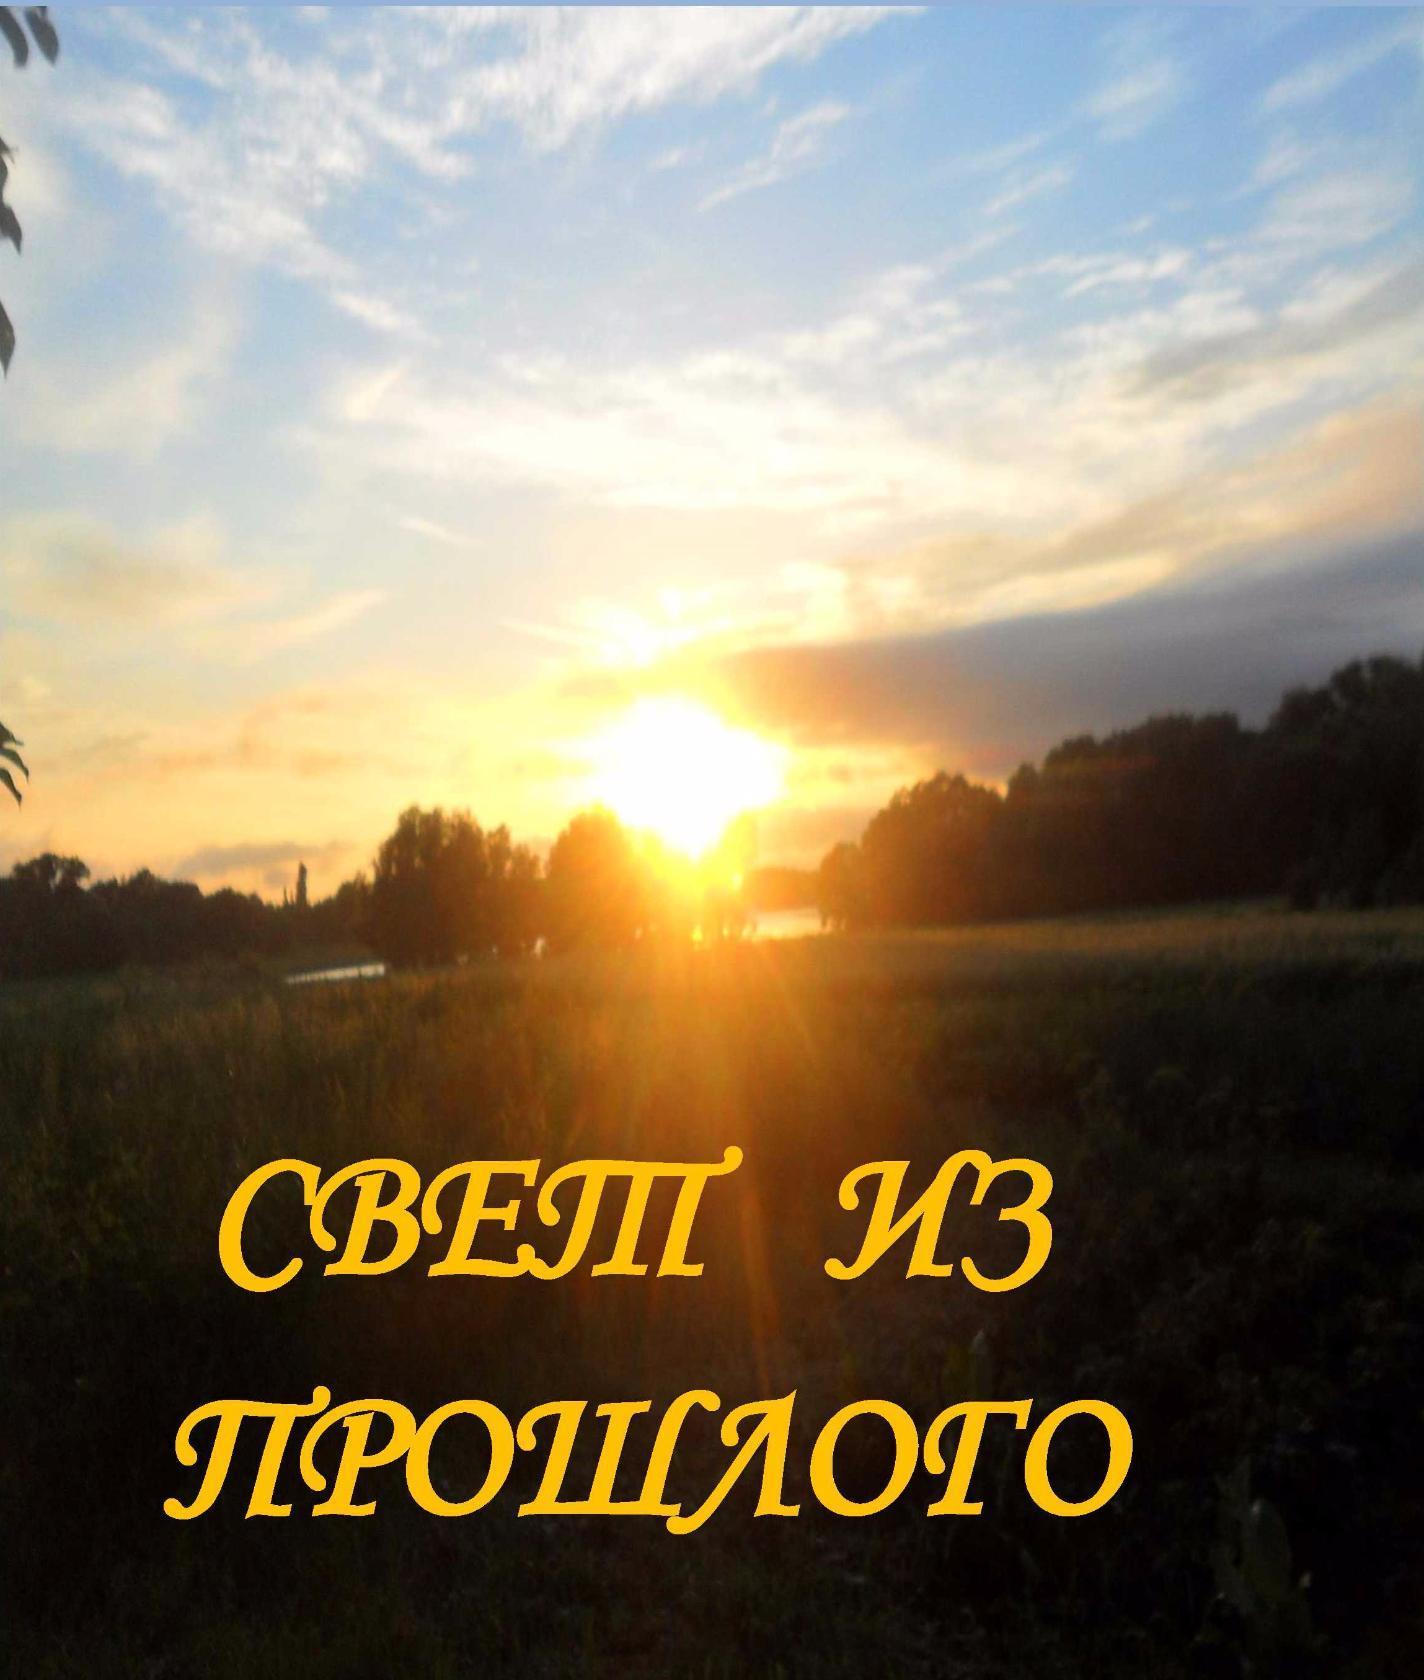 hochu-podelitsya-zhenoy-foto-seks-boni-s-negrami